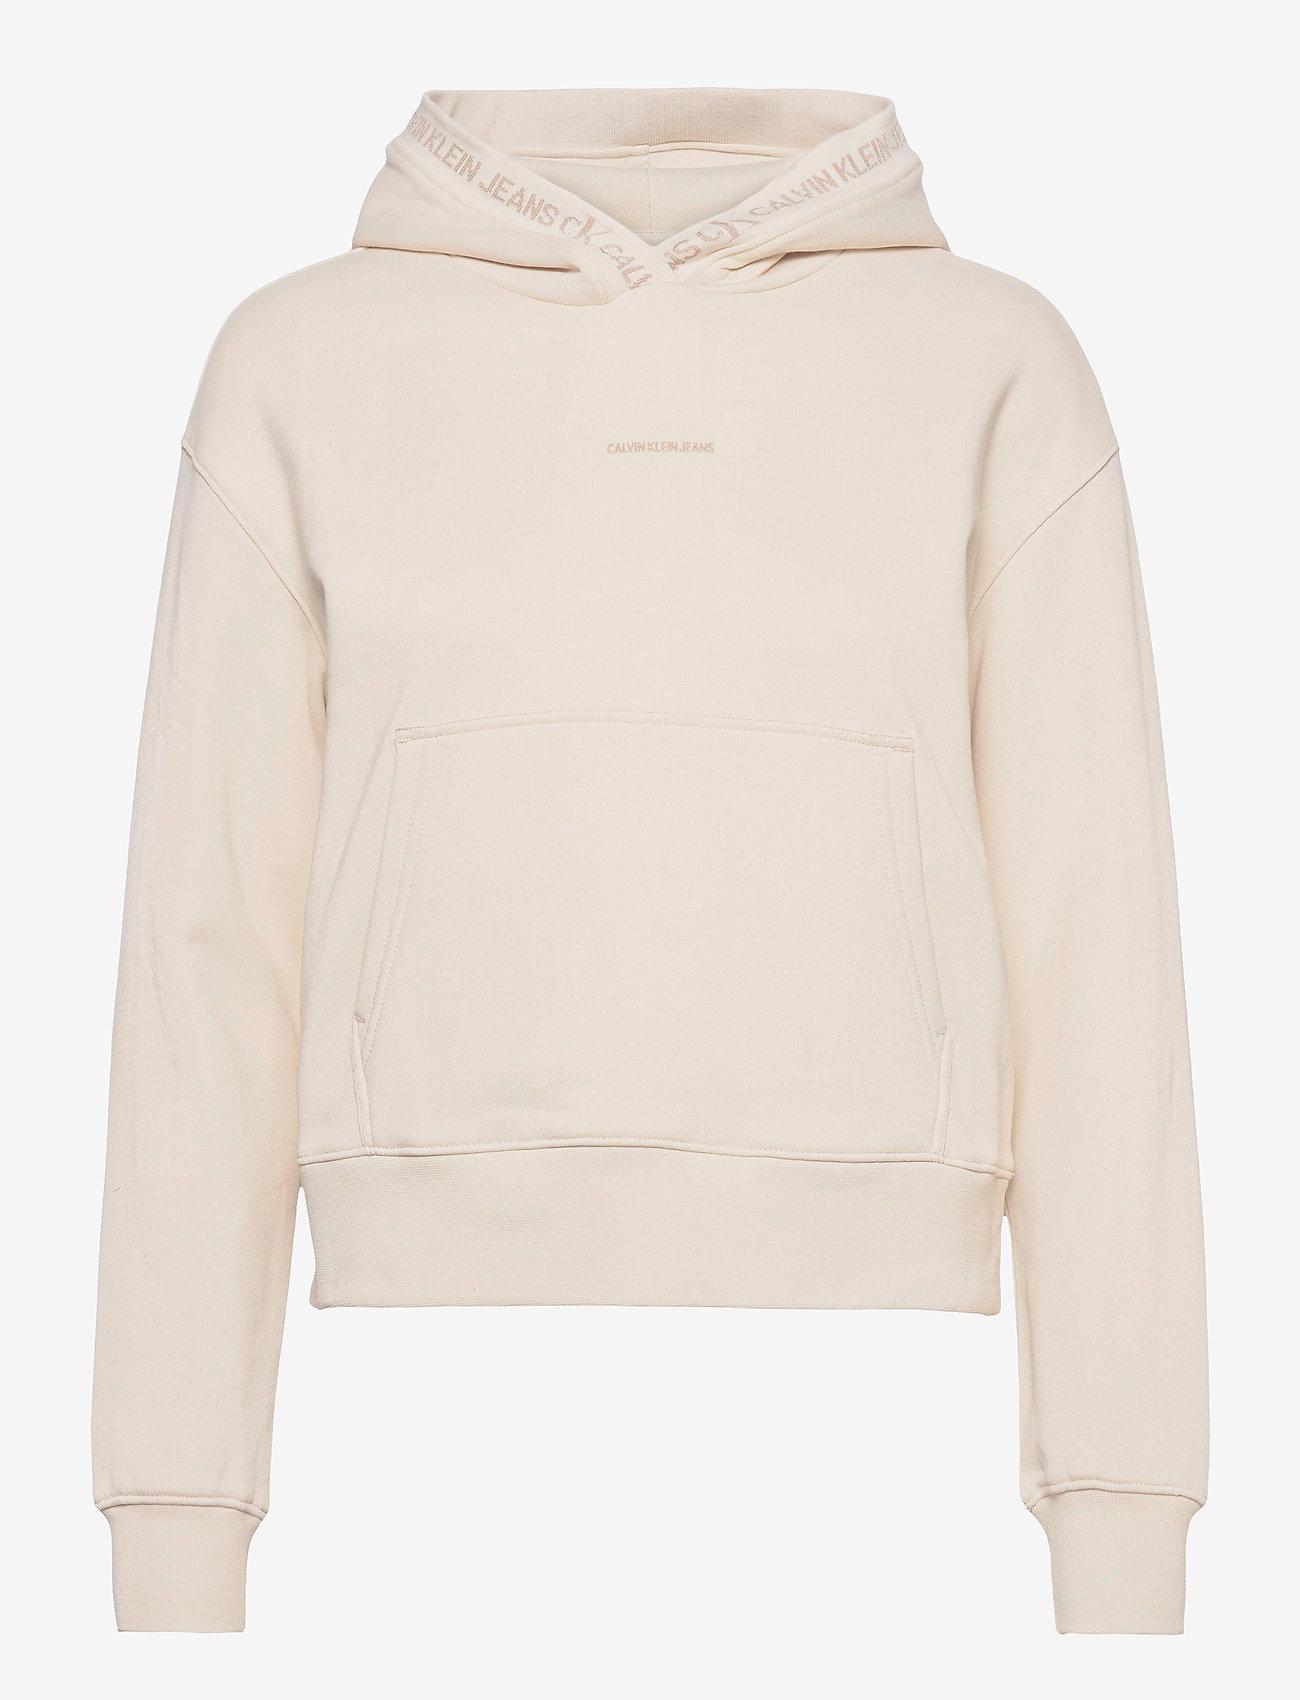 Calvin Klein Jeans - LOGO TRIM HOODIE - gensere og hettegensere - white sand - 0